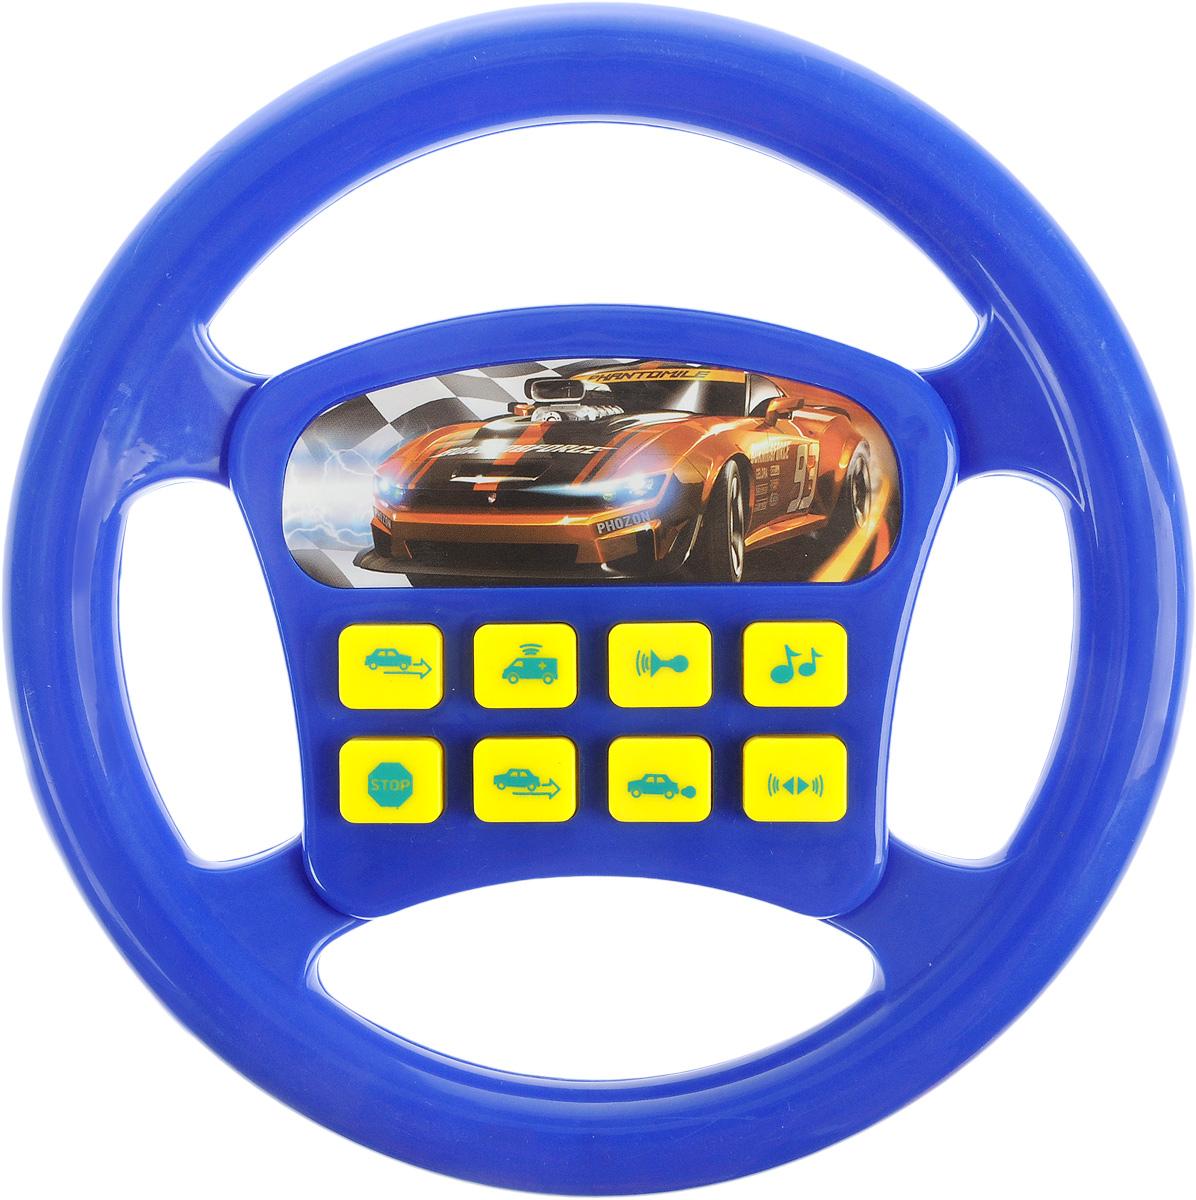 Играем вместе Игрушечный руль Машина цвет синий игровые рули играем вместе руль